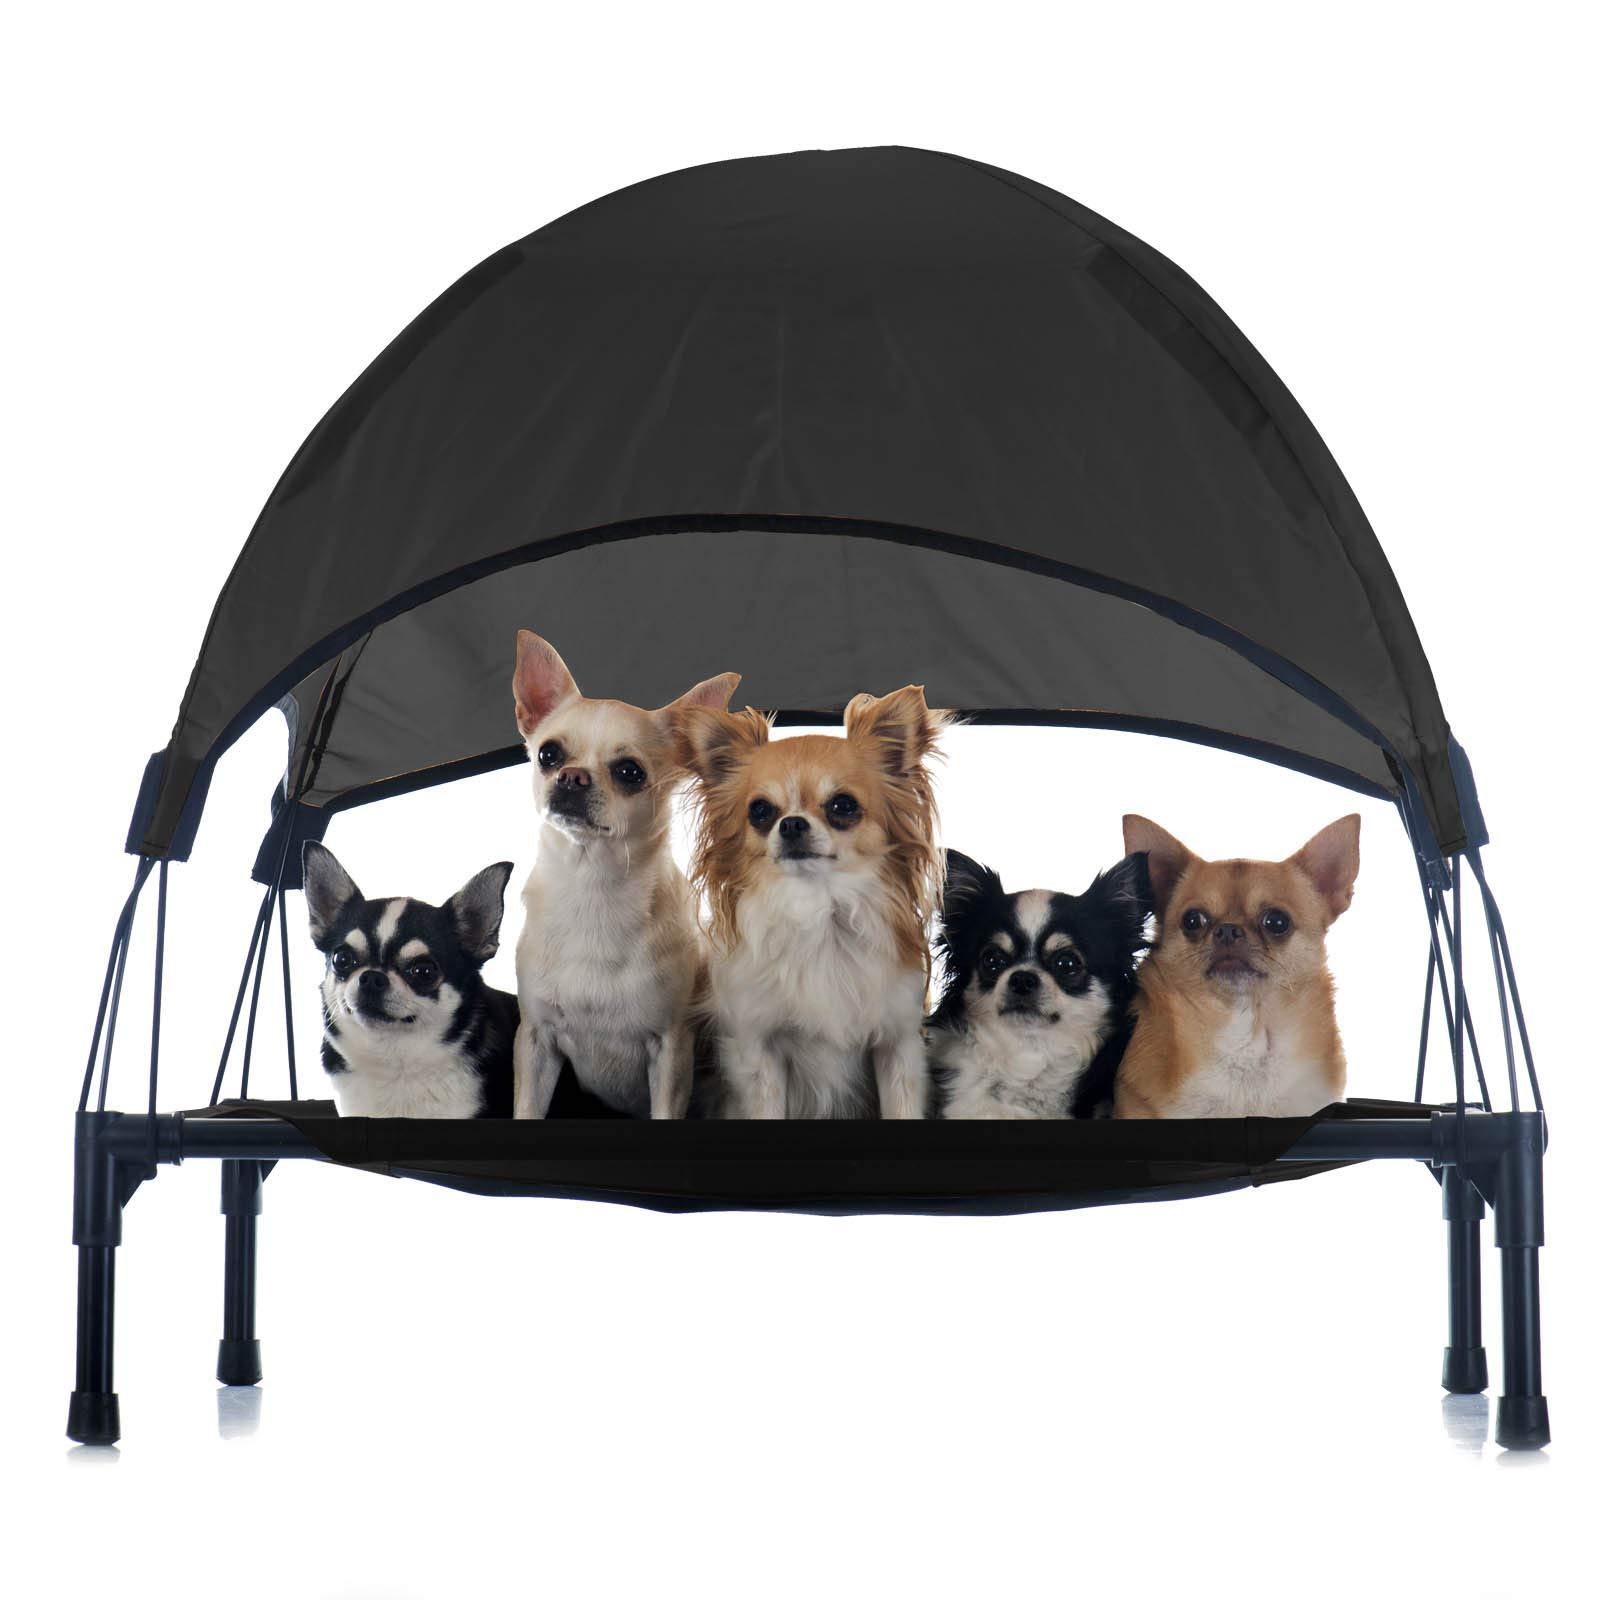 Hamaca mascotas Cama Perros Gatos Relax Jardín Outdoor Protección solar Sombrilla Animales S Negro: Amazon.es: Productos para mascotas